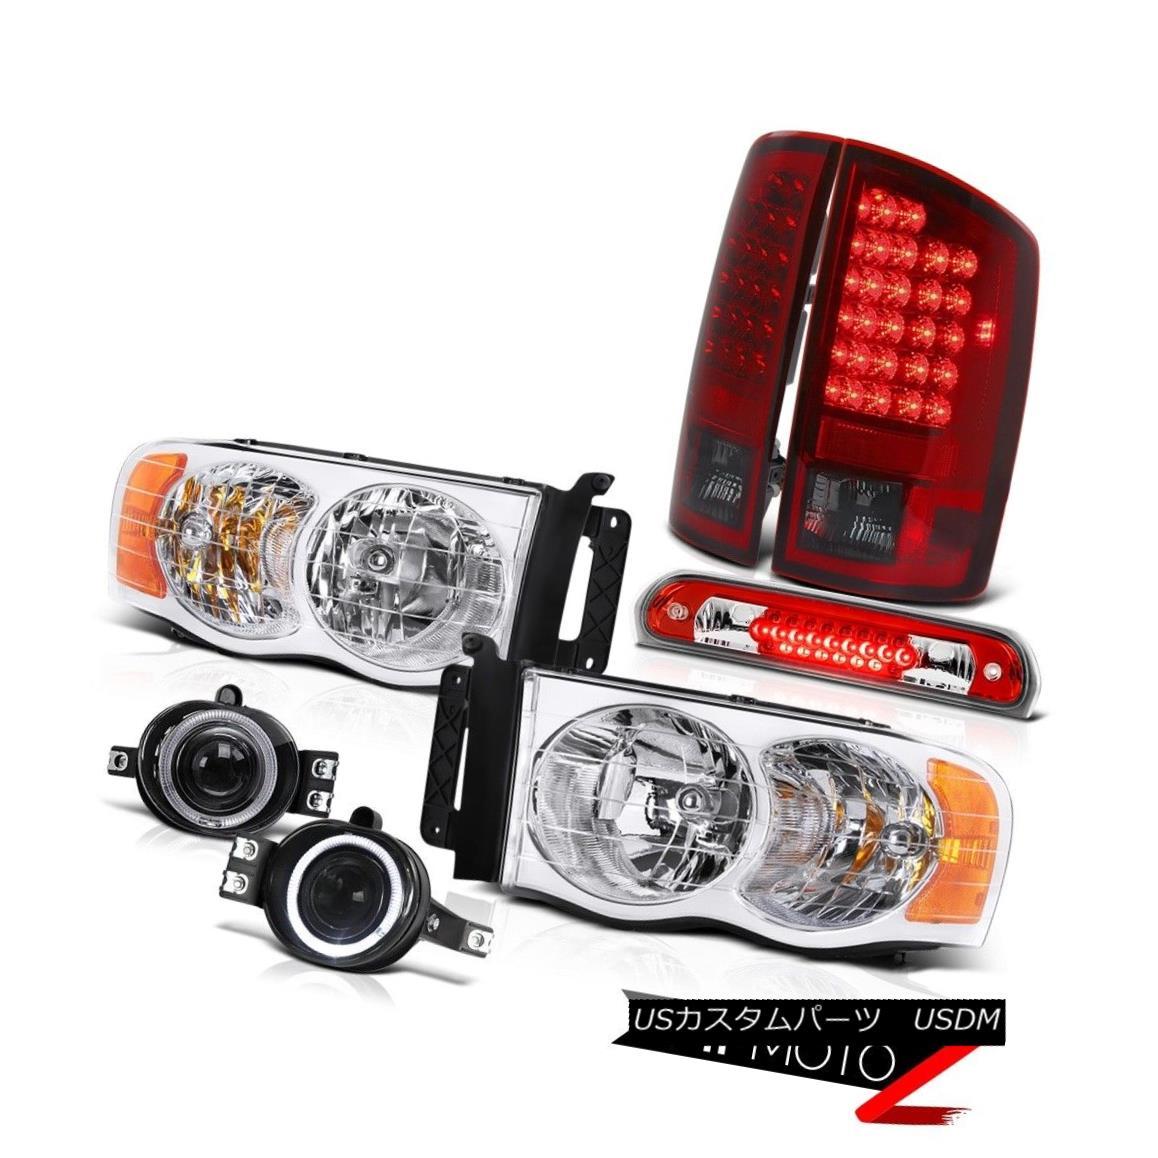 テールライト 02-05 Dodge Ram Pair Headlights Wine Red LED Tail Lights Projector Fog 3rd Brake 02-05 Dodge RamペアヘッドライトワインレッドLEDテールライトプロジェクターフォグ3rdブレーキ